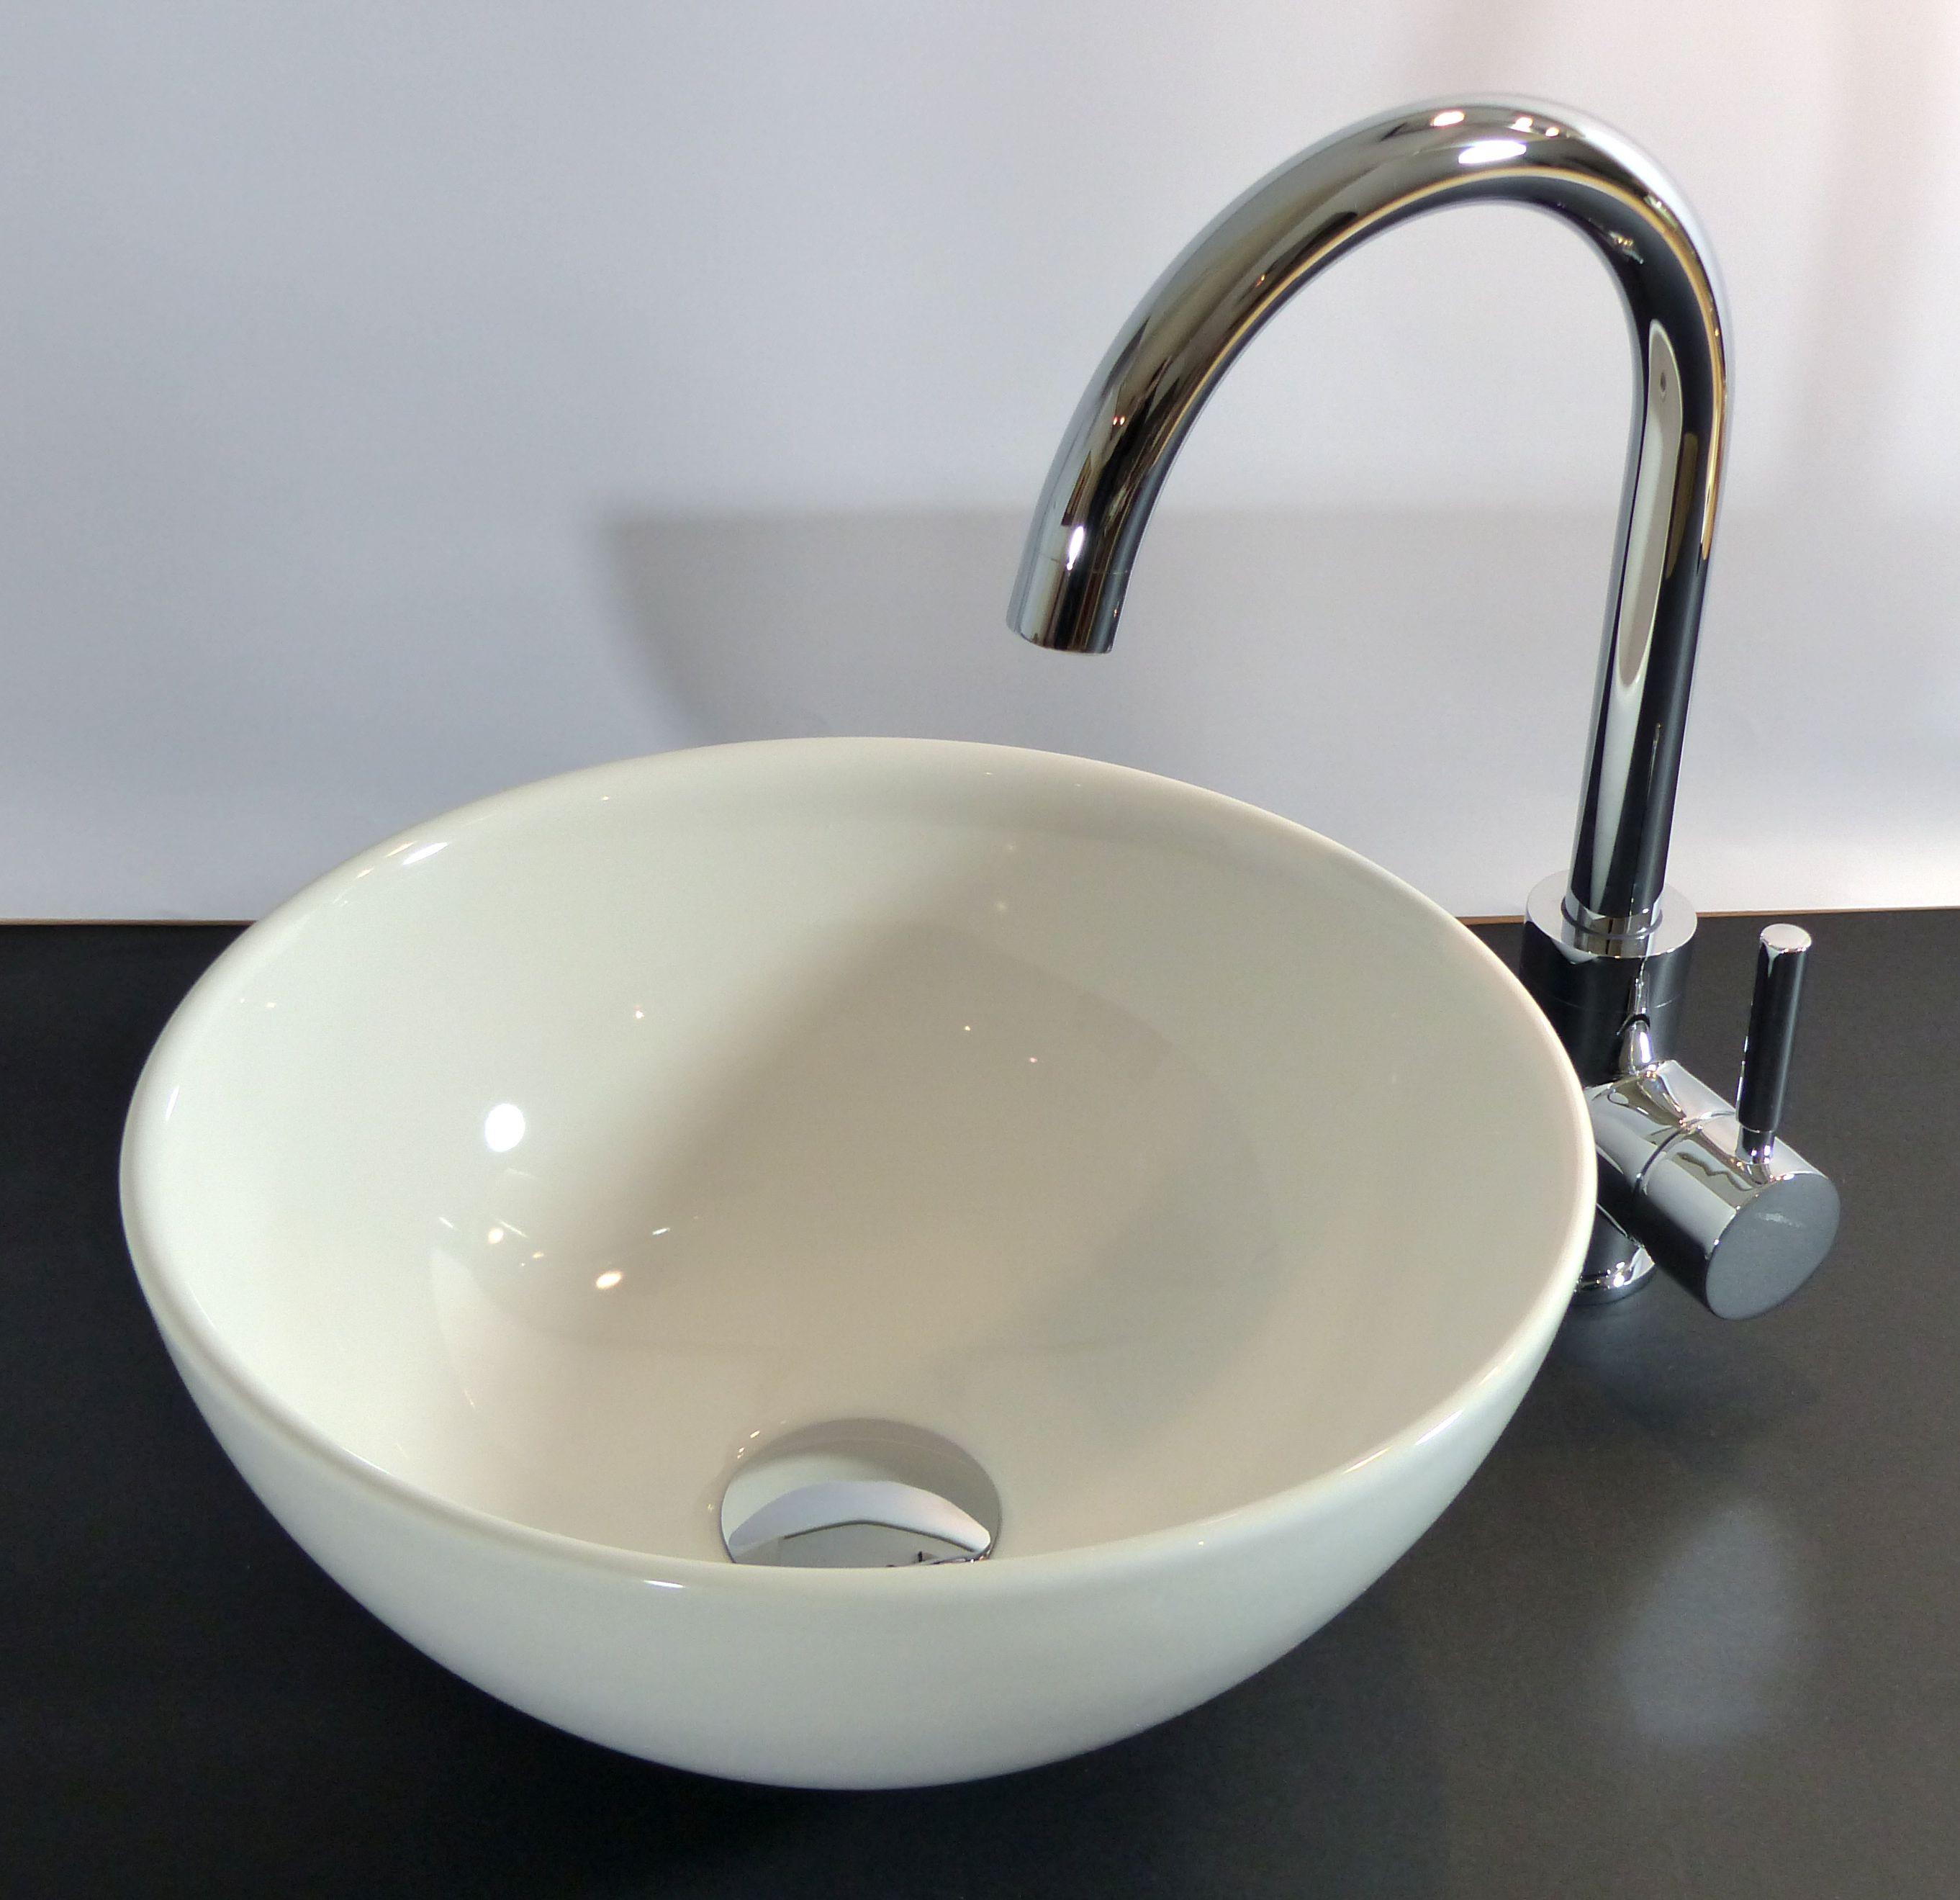 Waschbecken rund gäste wc  Nero Badshop | Keramik Aufsatz Waschbecken rund 32cm | online kaufen